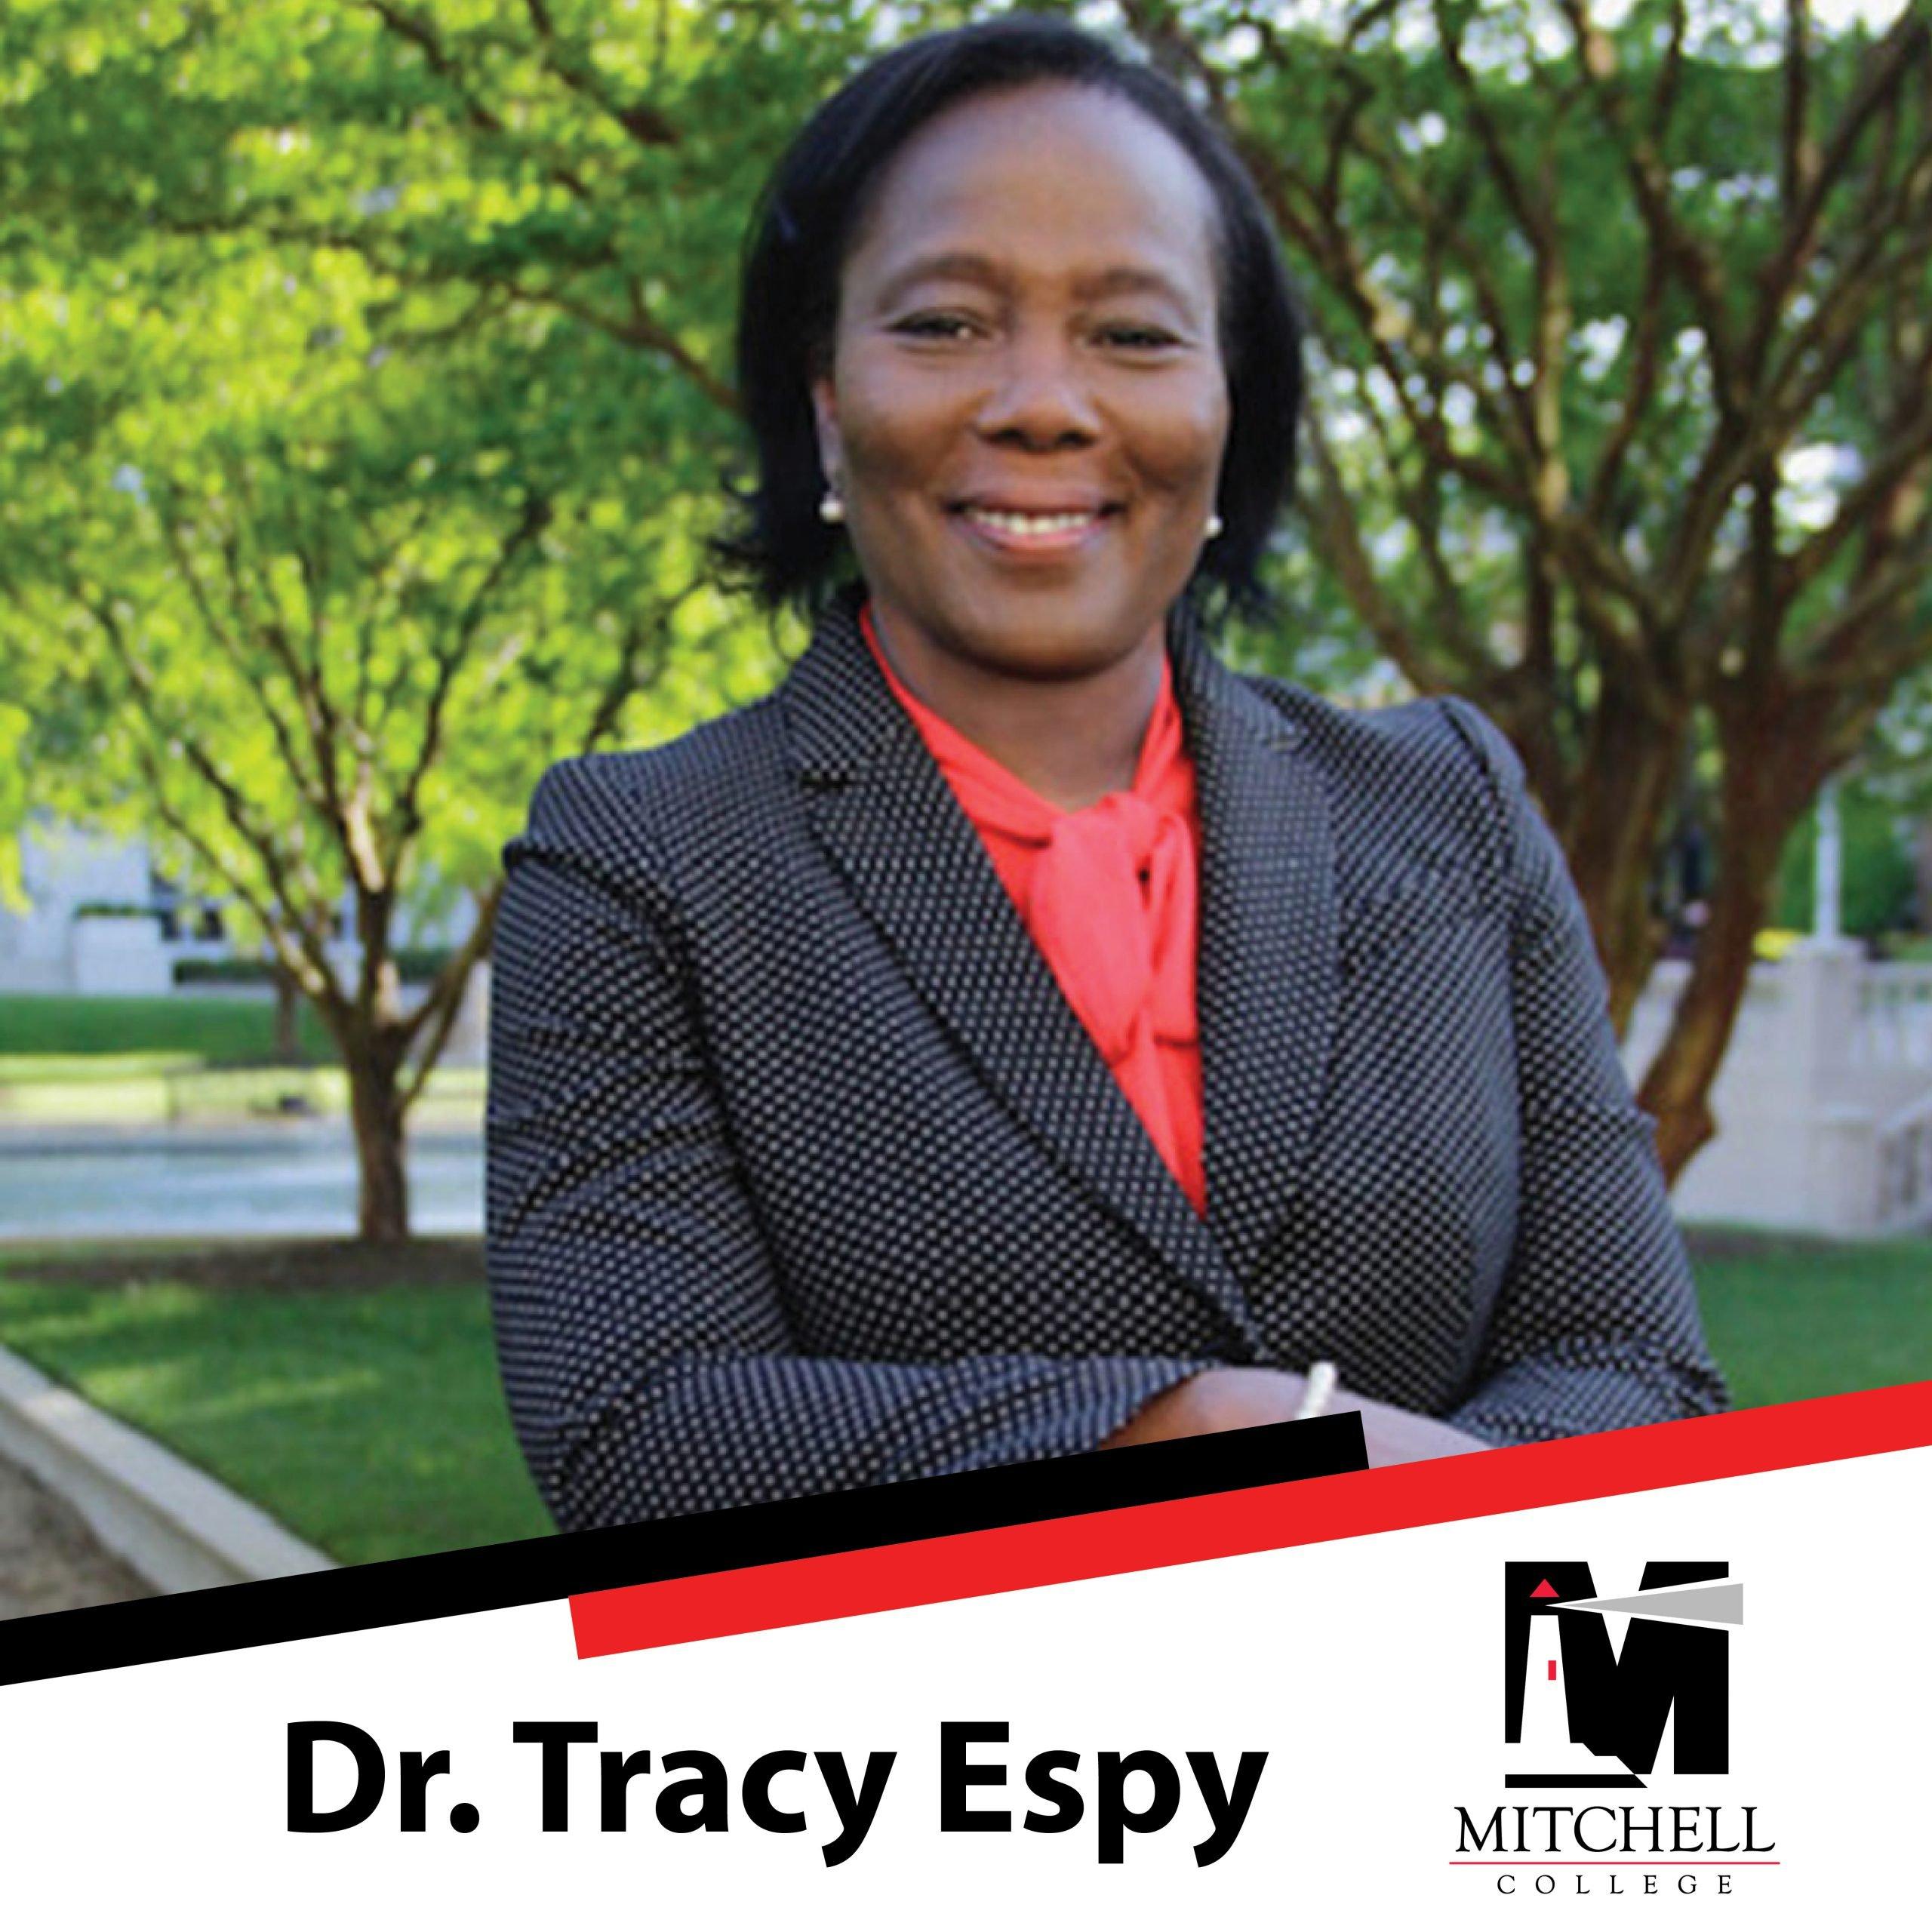 Dr. Tracy Espy